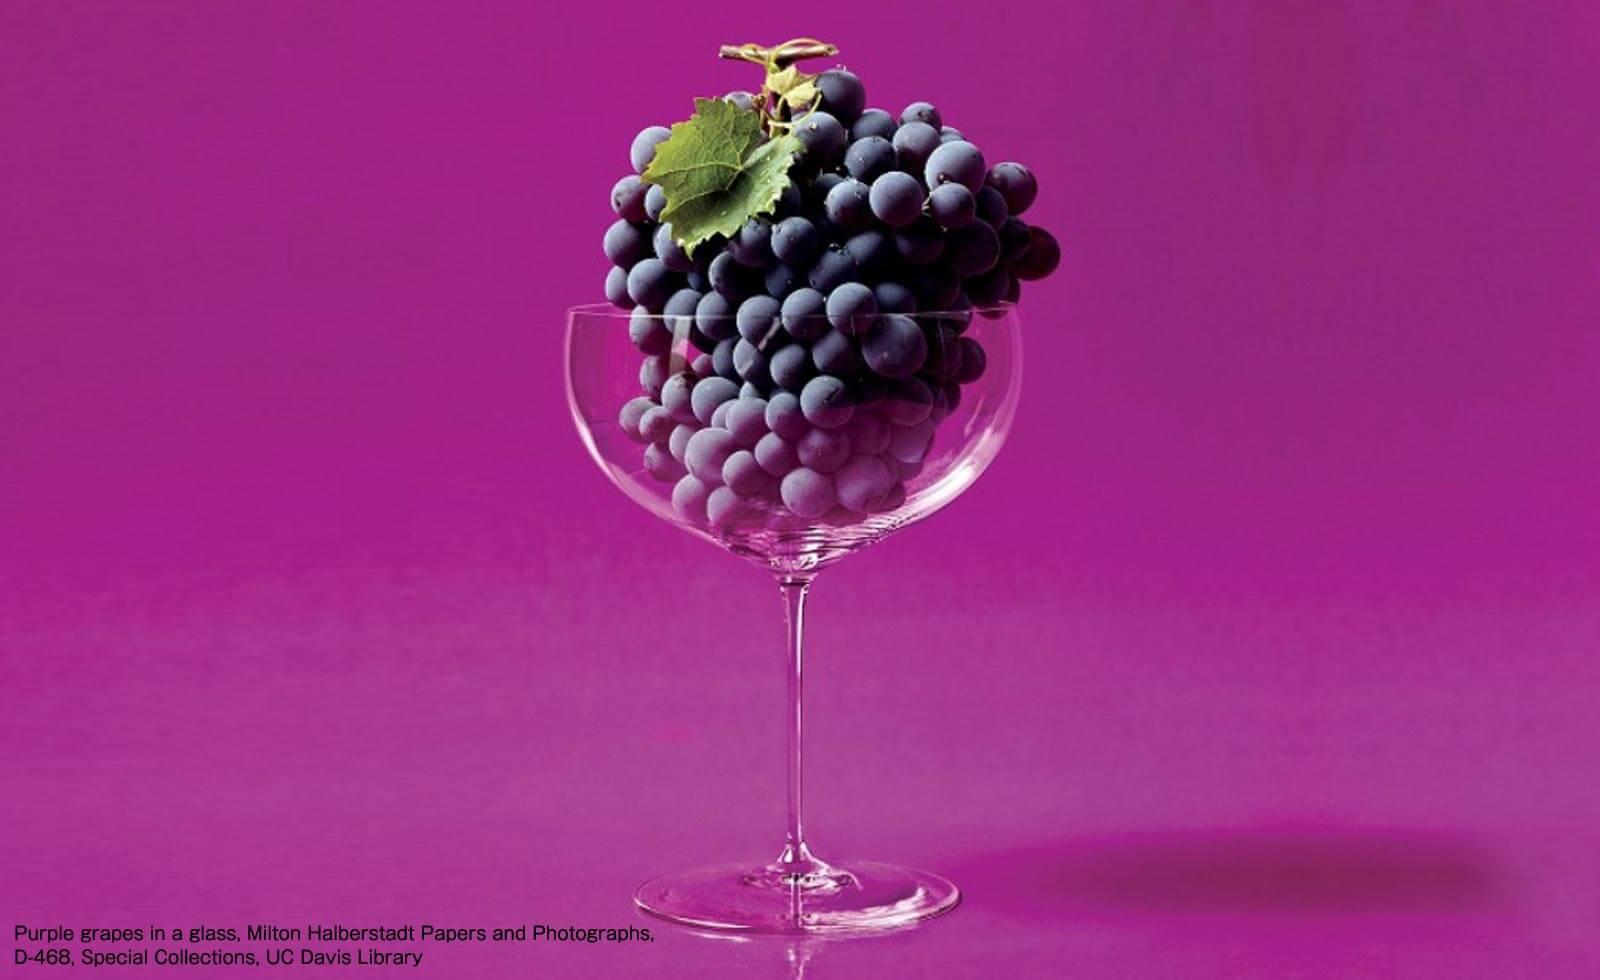 【カリフォルニアワイン初歩の初歩】新鮮なブドウだけで造っているのがワイン